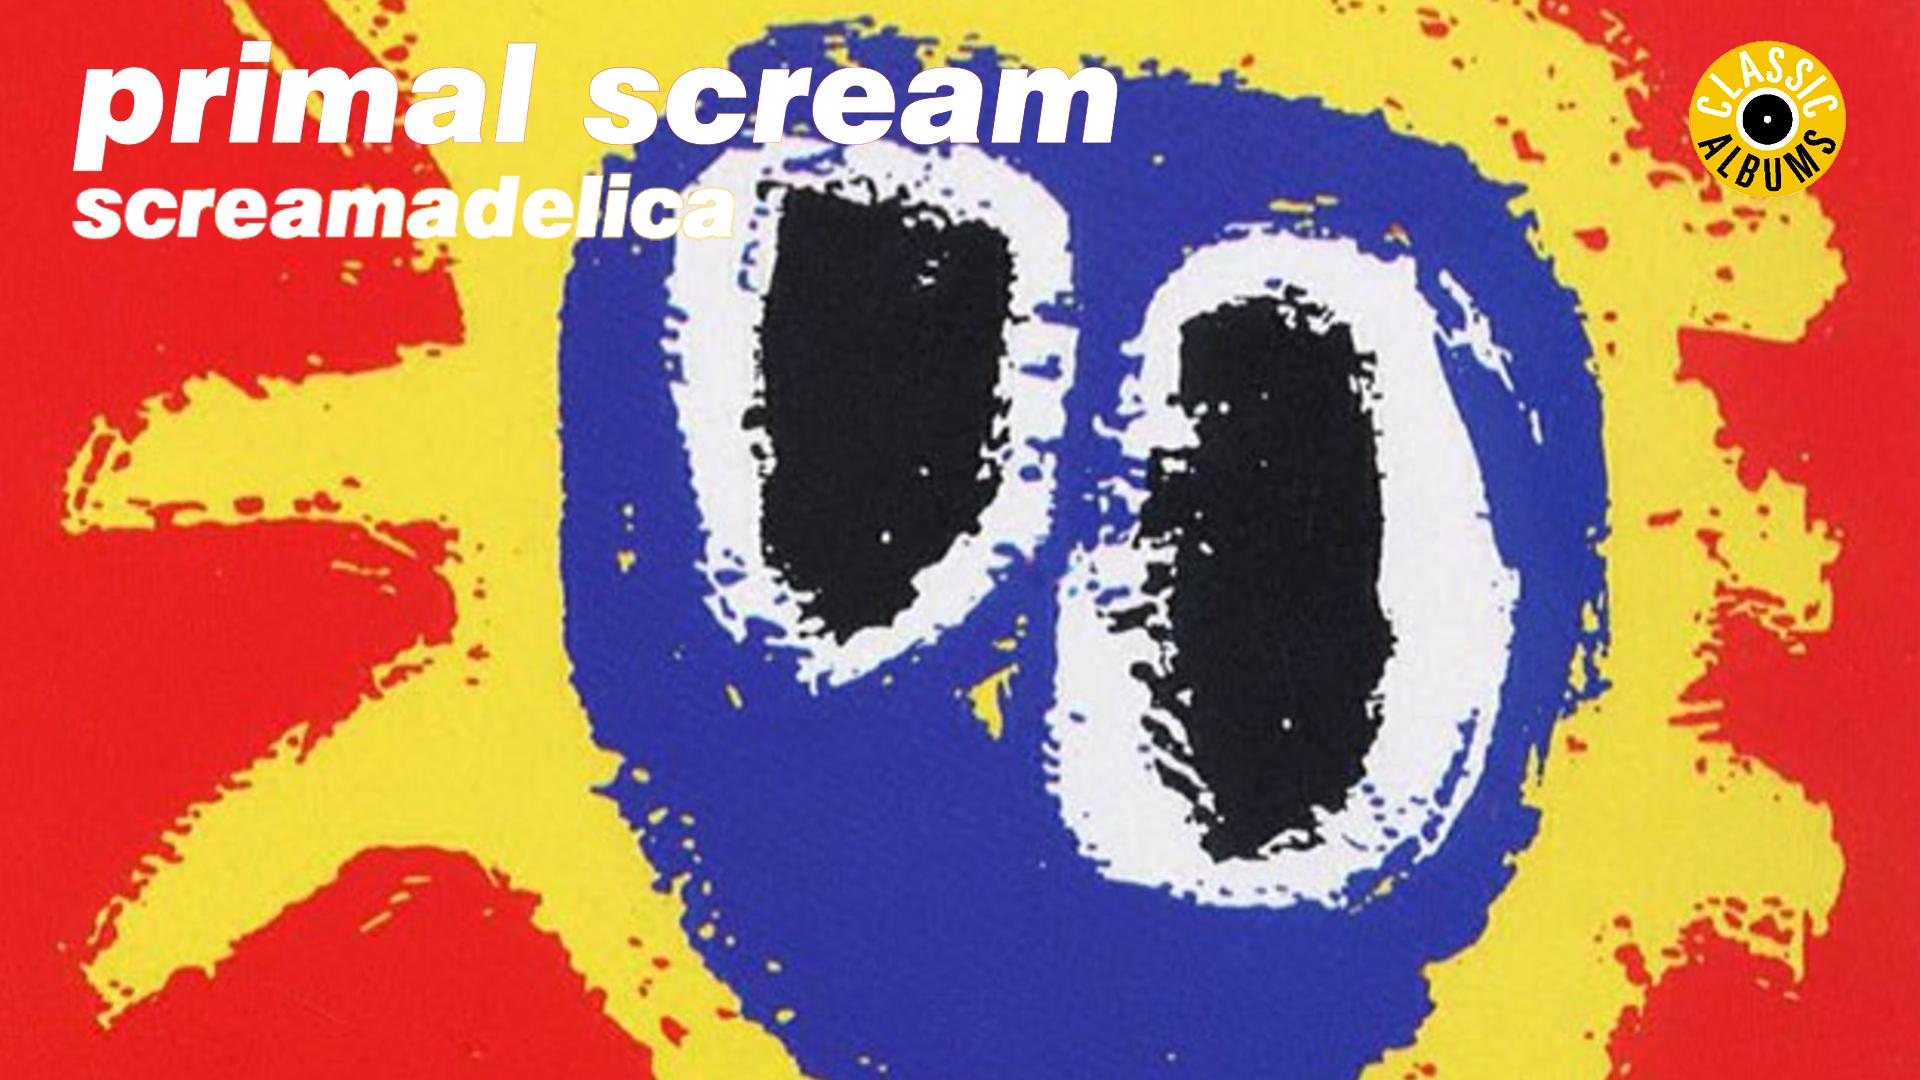 Primal Scream - Screamadelica (Classic Album)